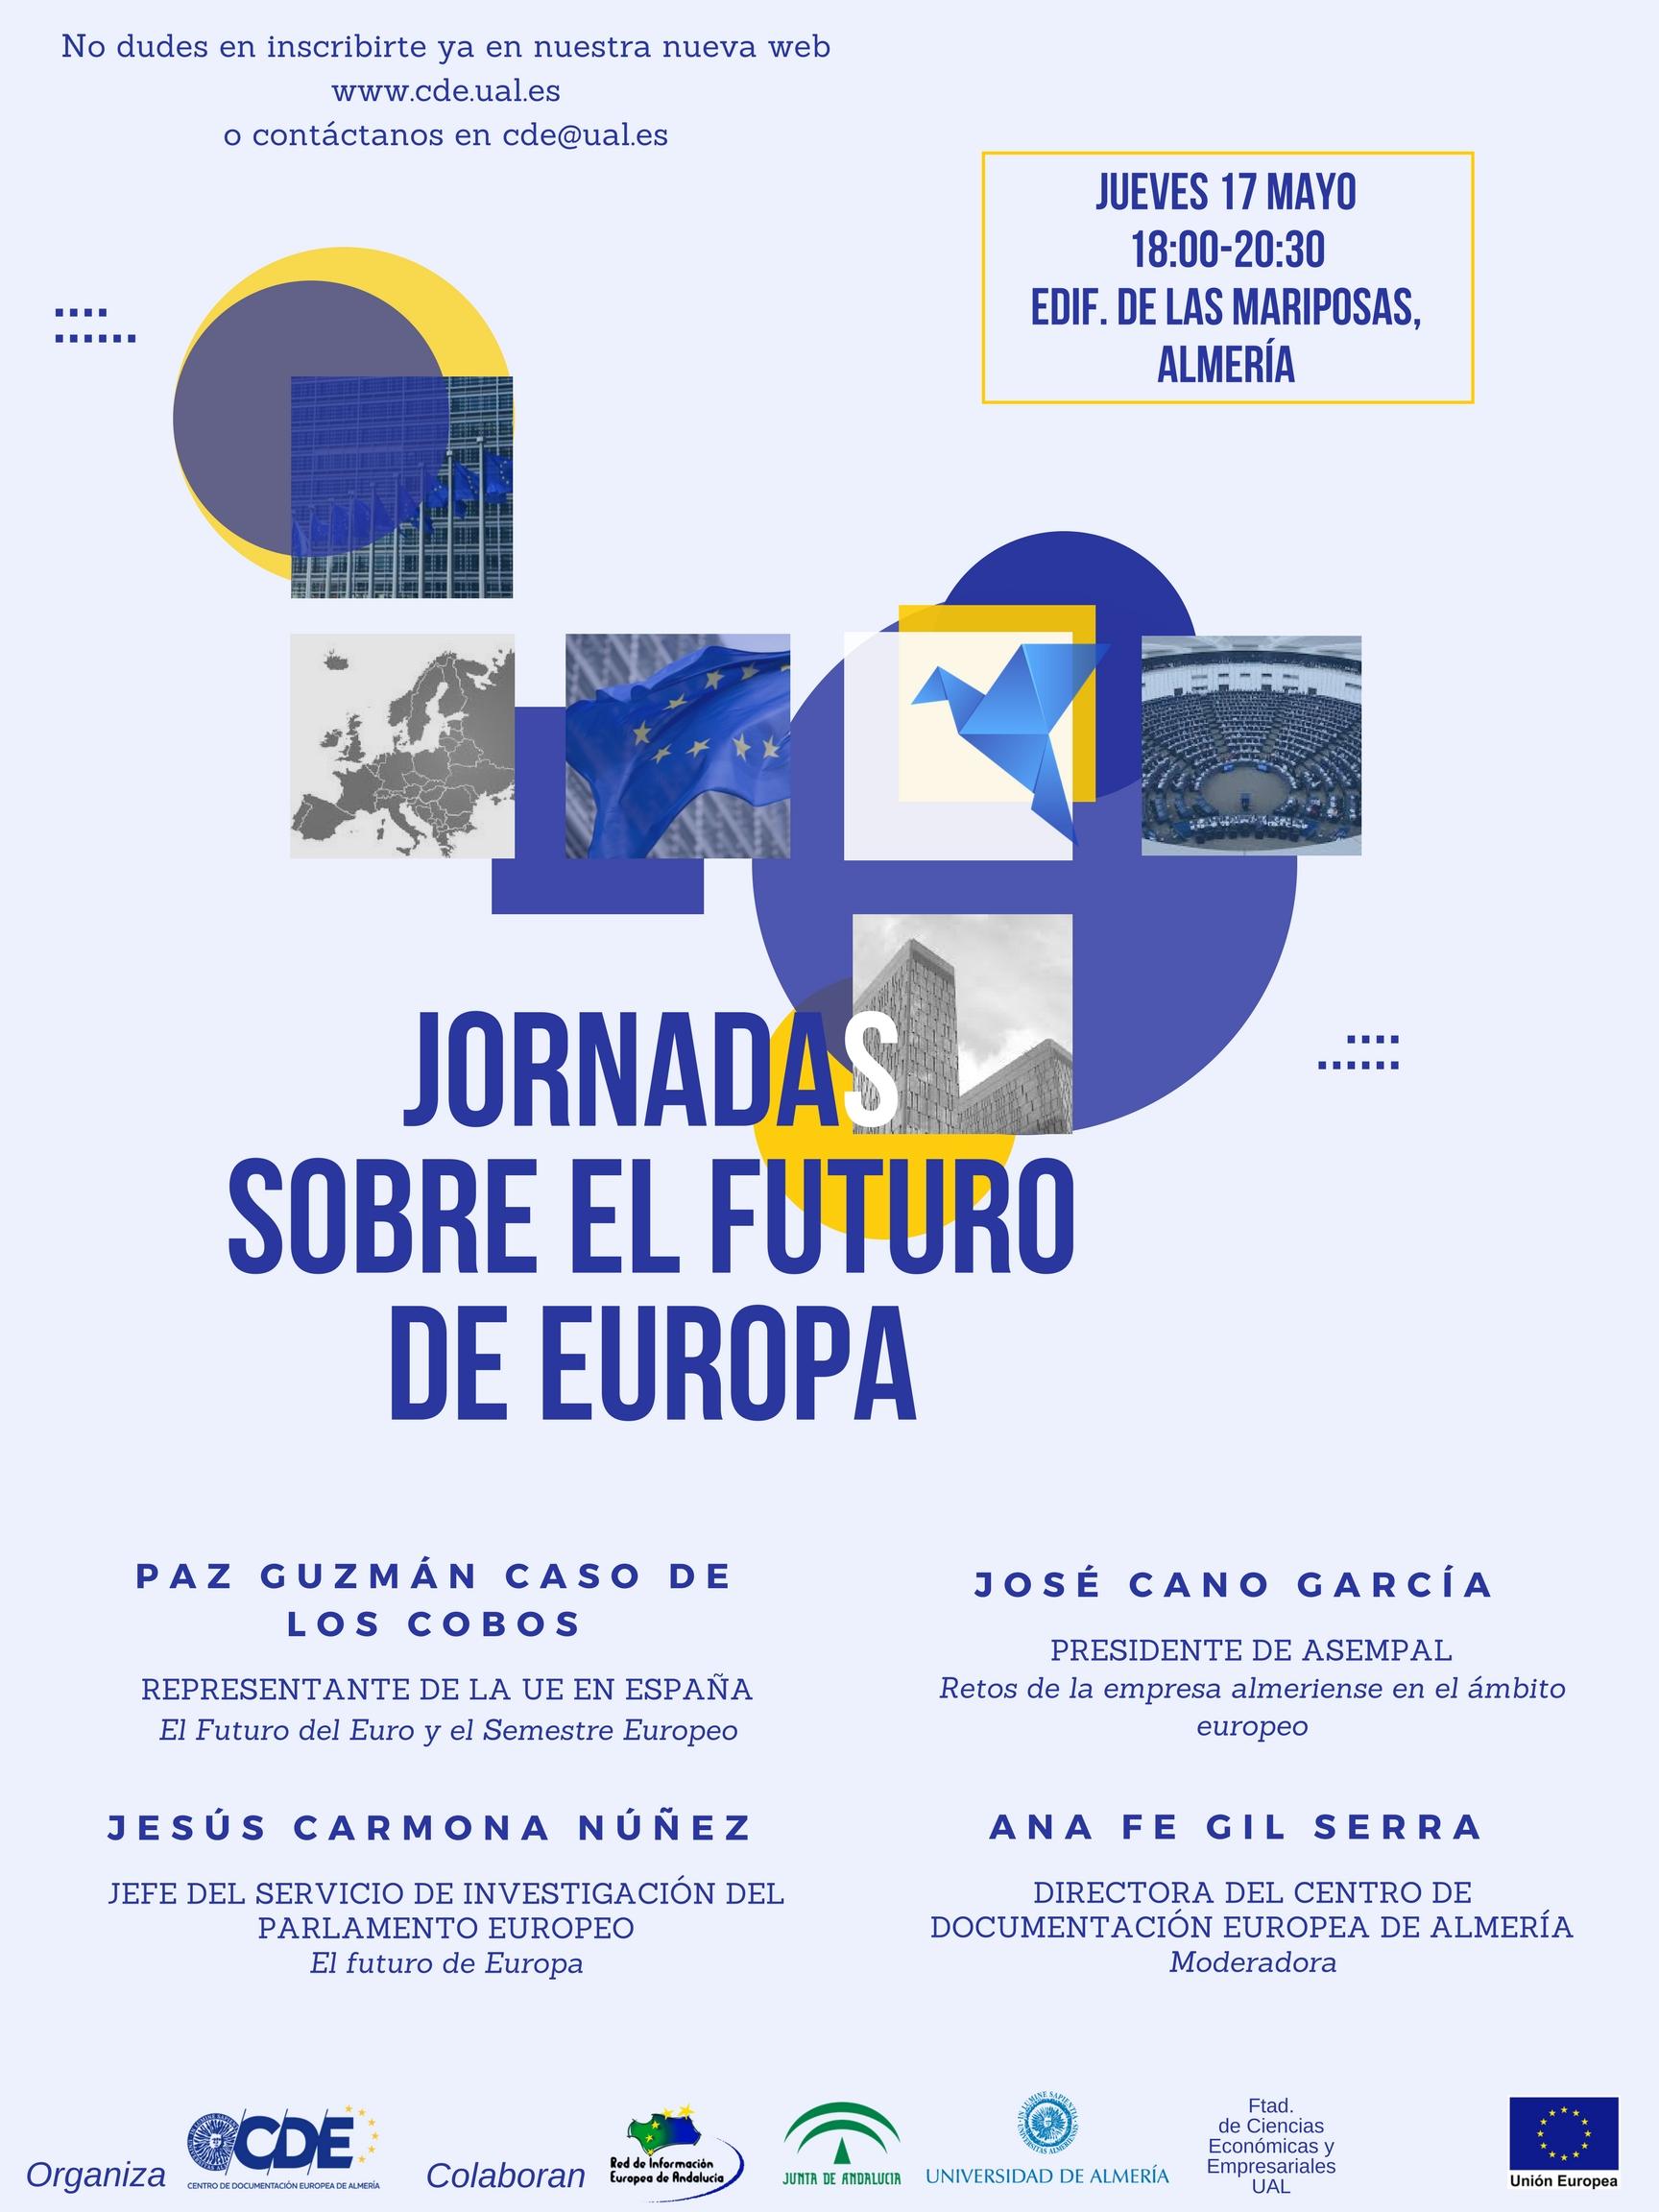 Póster Jornadas sobre el Futuro de Europa: nombres de ponentes y temas, logos, imágenes relacionadas con la Unión Europea e información de contacto.